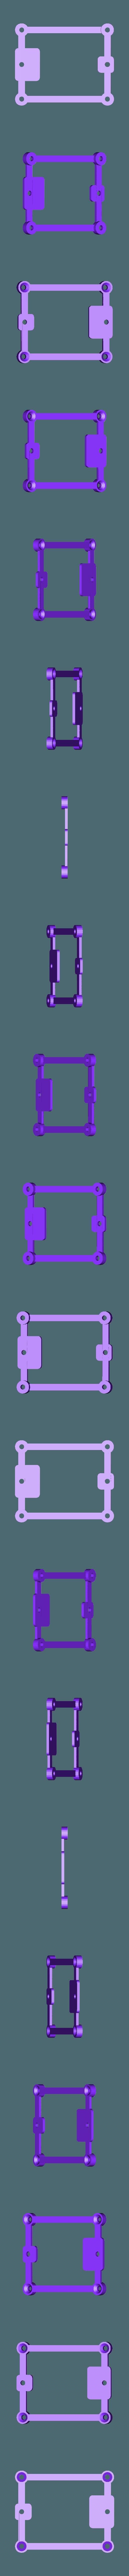 mosfet_mount_01.stl Télécharger fichier STL gratuit Monture MOSFET PCB • Objet pour imprimante 3D, peaberry